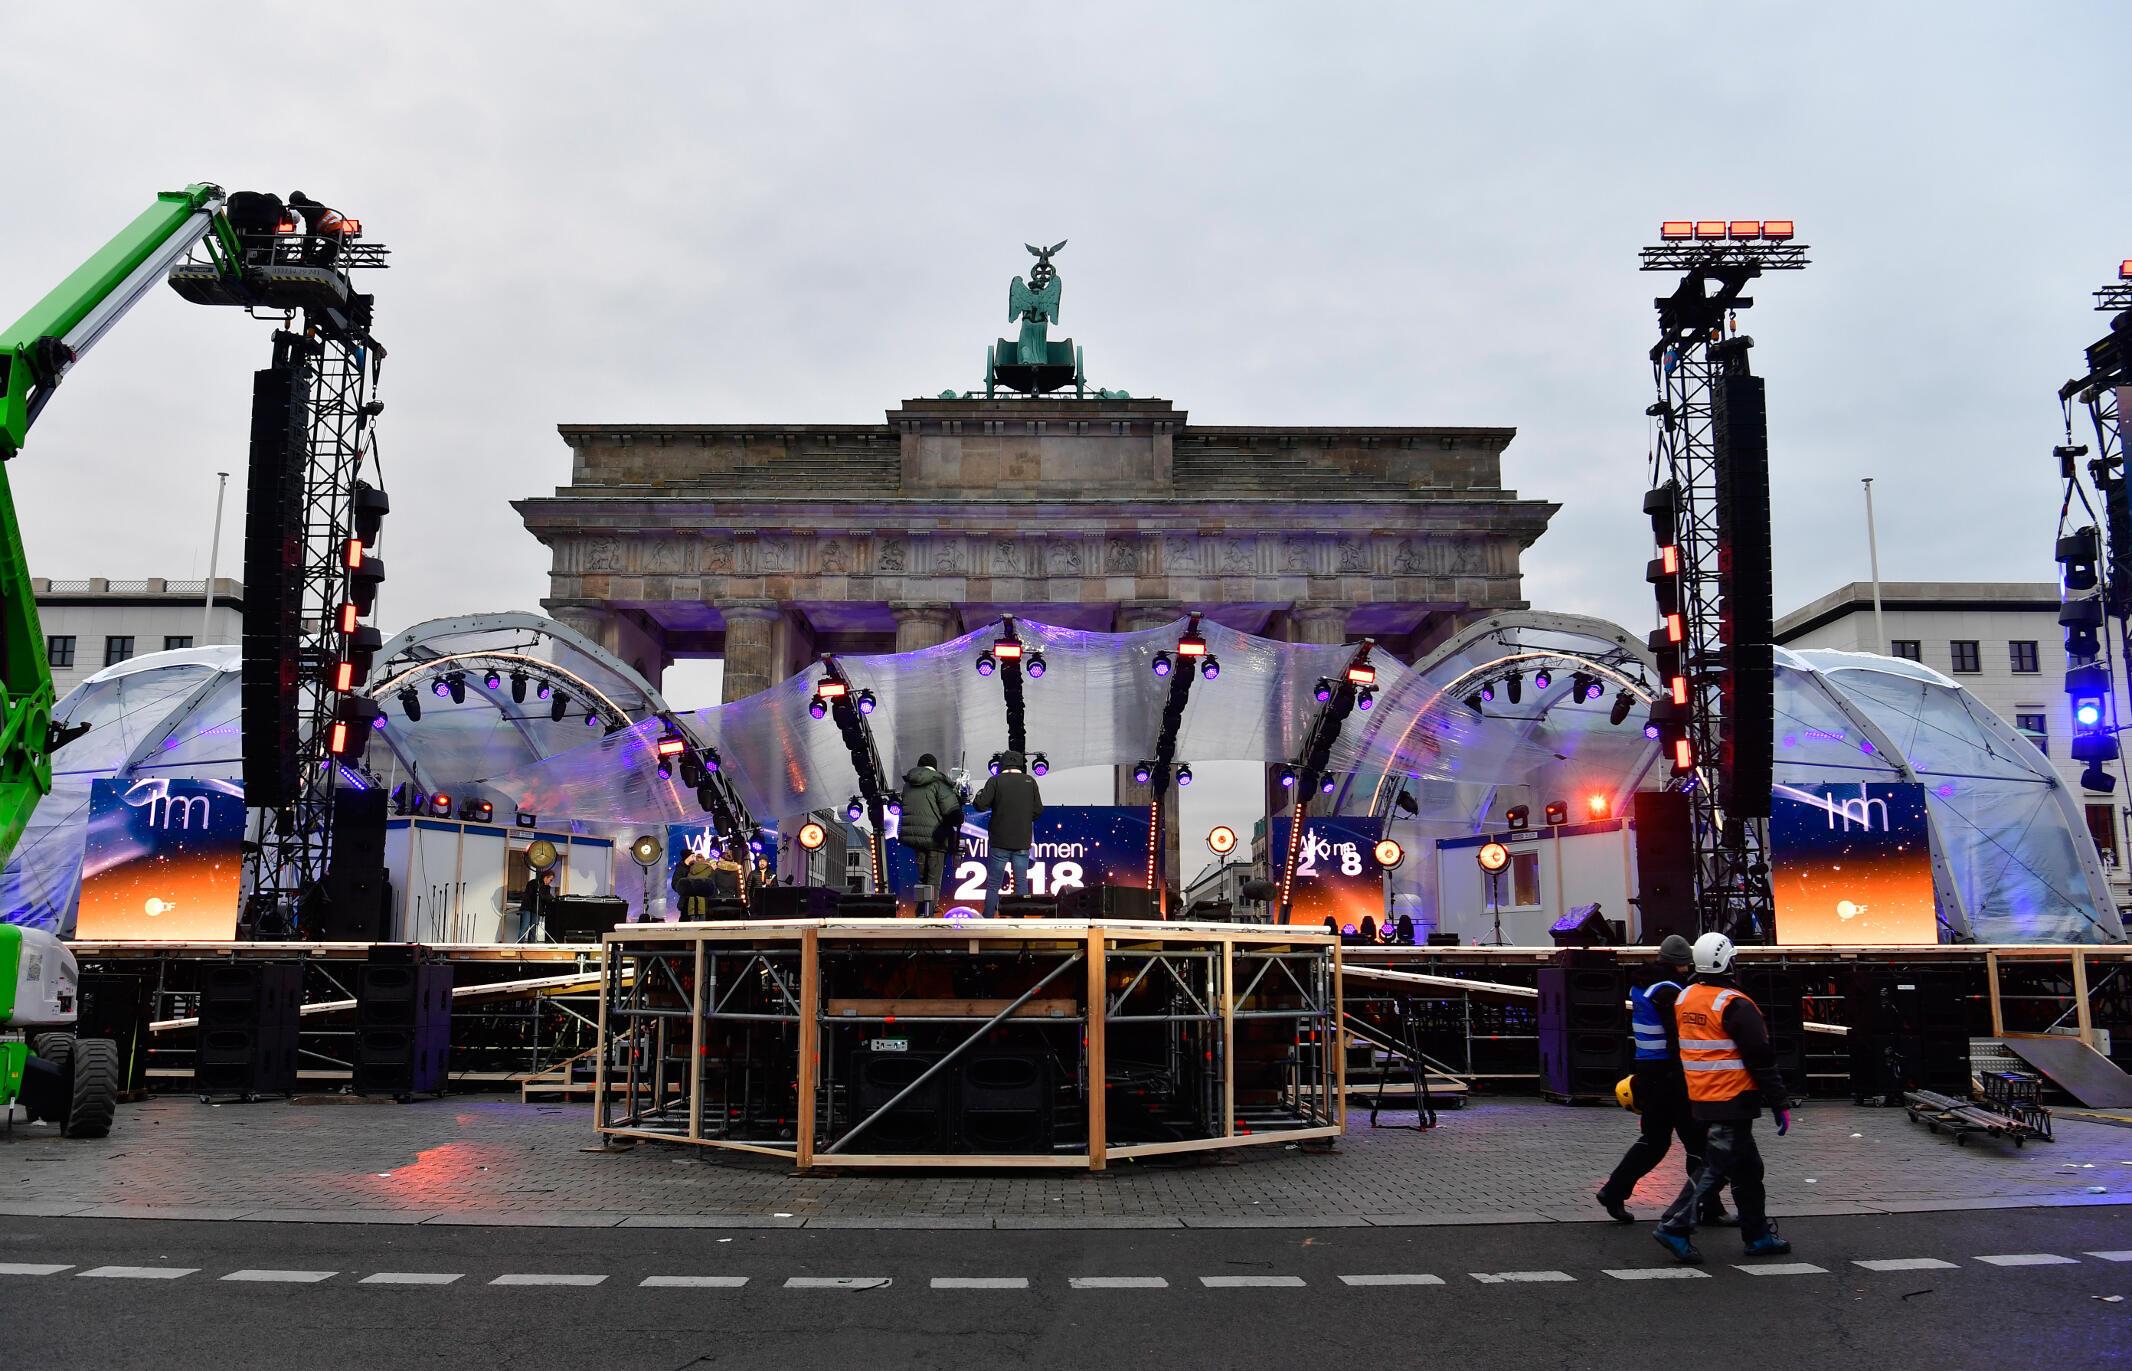 Chuẩn bị đón mừng năm mới 2018, tại cổng Brandenburg, Berlin, ngày 30/12/2017n prévue à la porte de Brandebourg, le 30 décembre 2017.